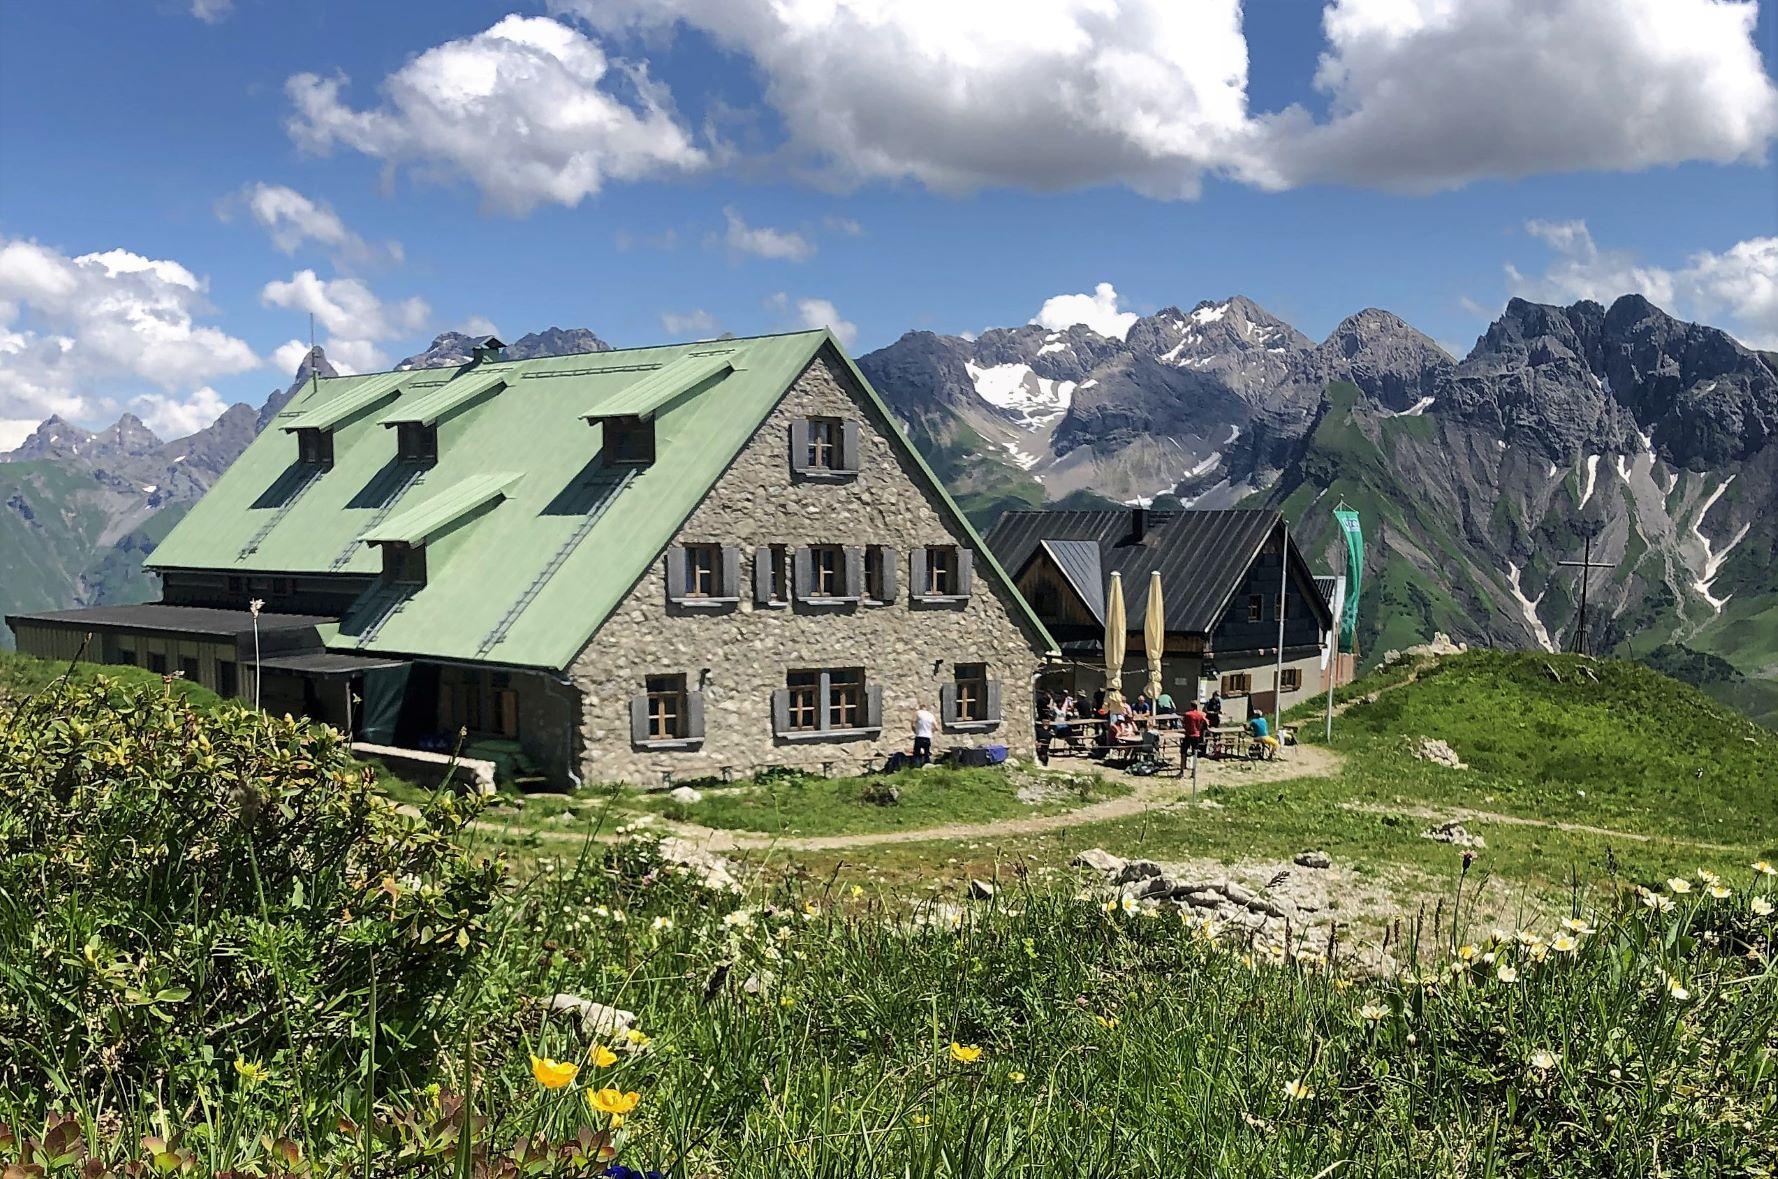 Hüttenwanderung Oberstdorf Schutzhütten